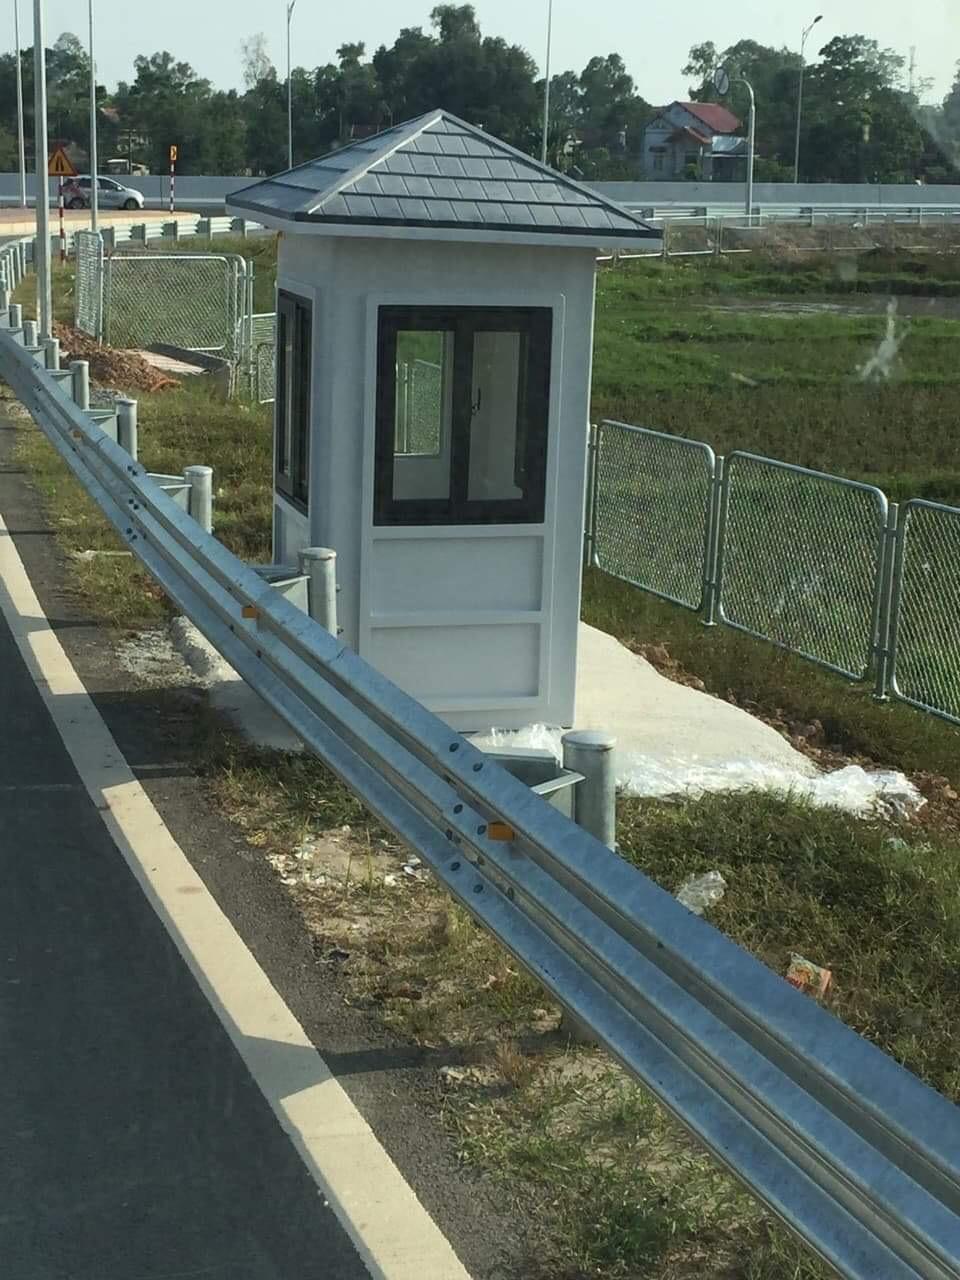 Cabin bảo vệ lắp đặt trên đường cao tốc